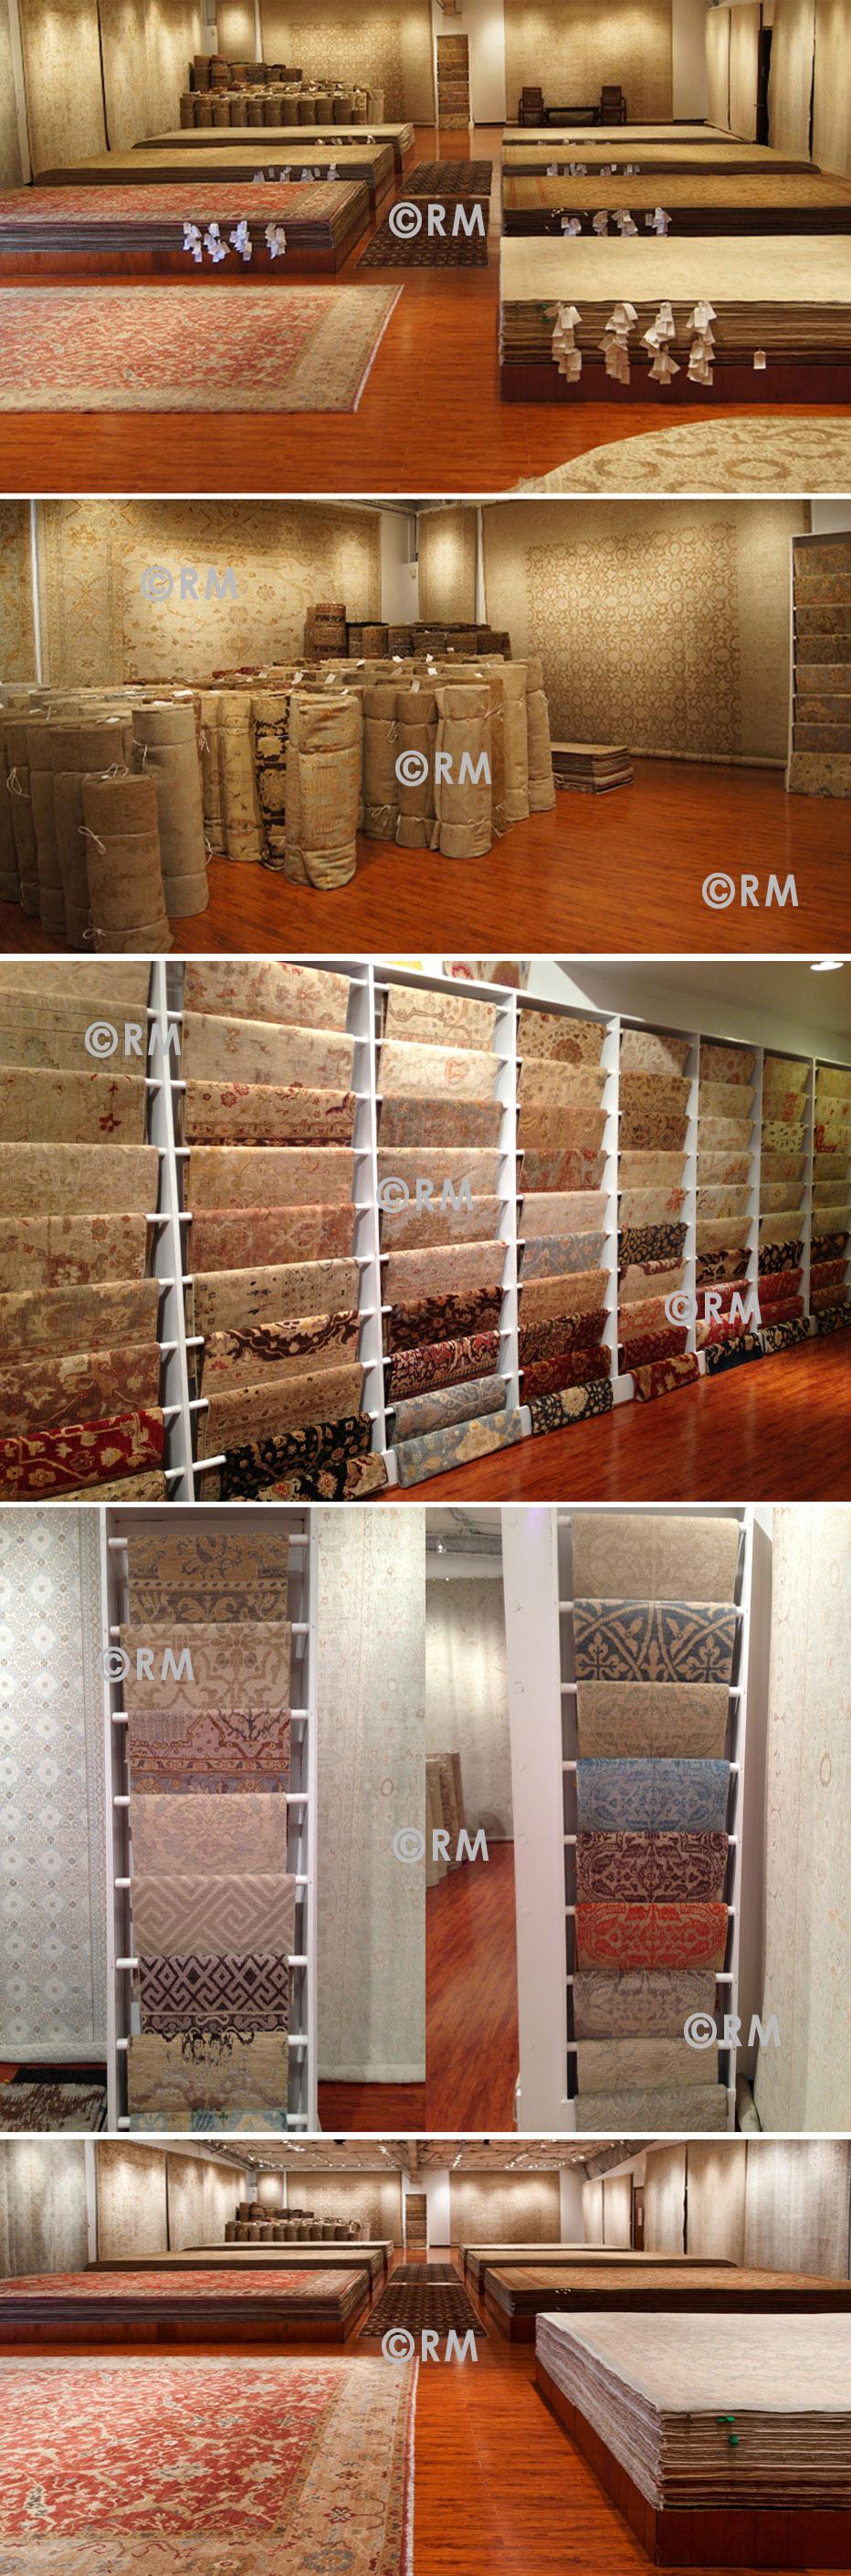 rug mart houston  best rug  - oriental rugs houston persian modern rug